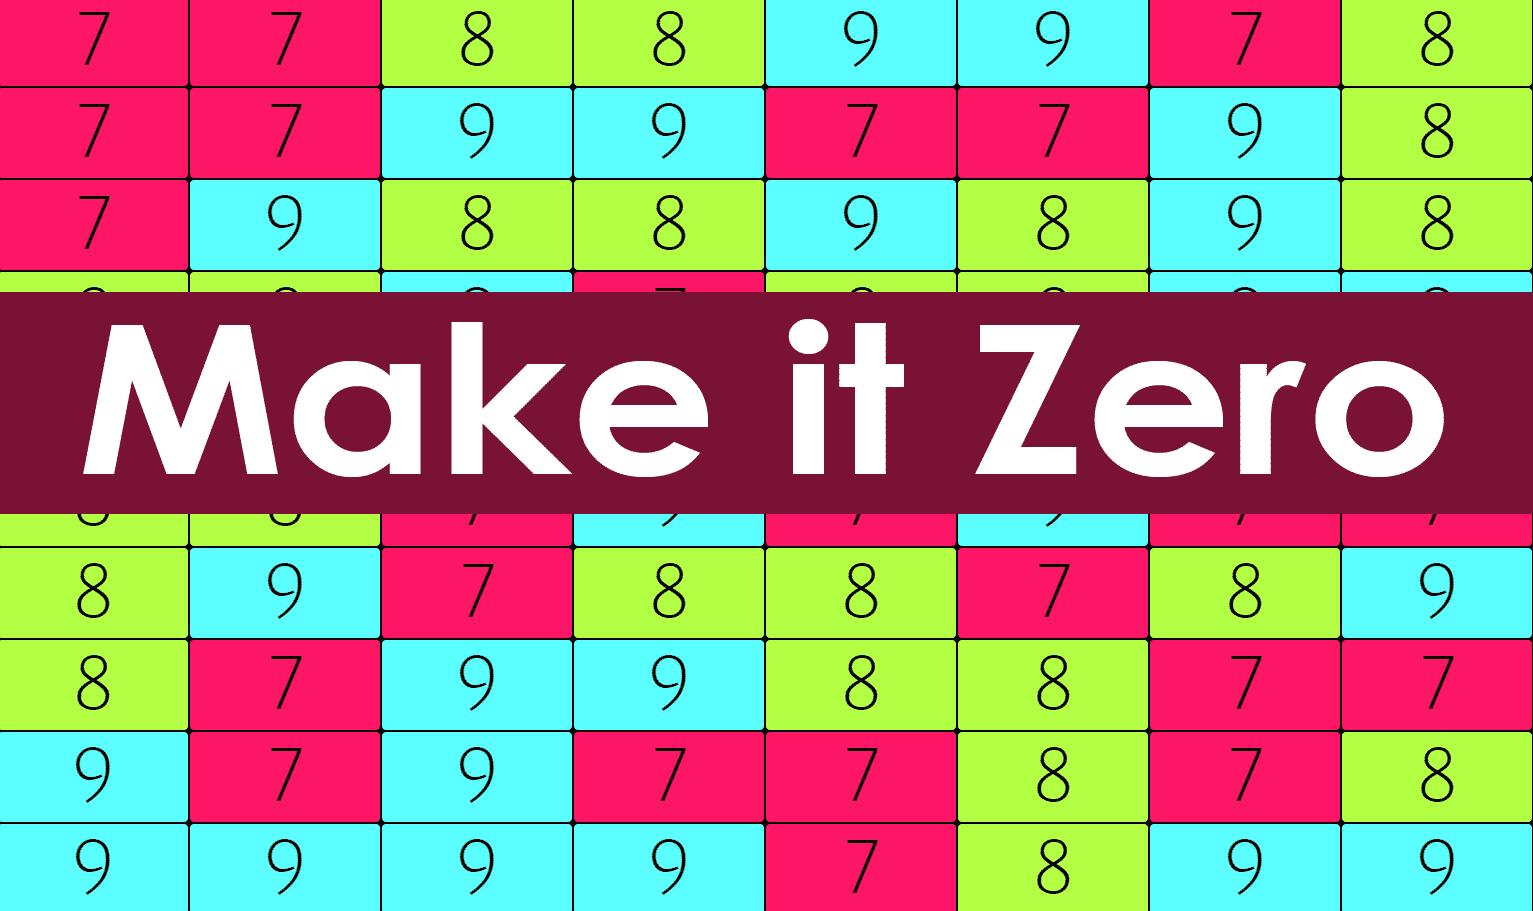 Make it Zero Tapping Game